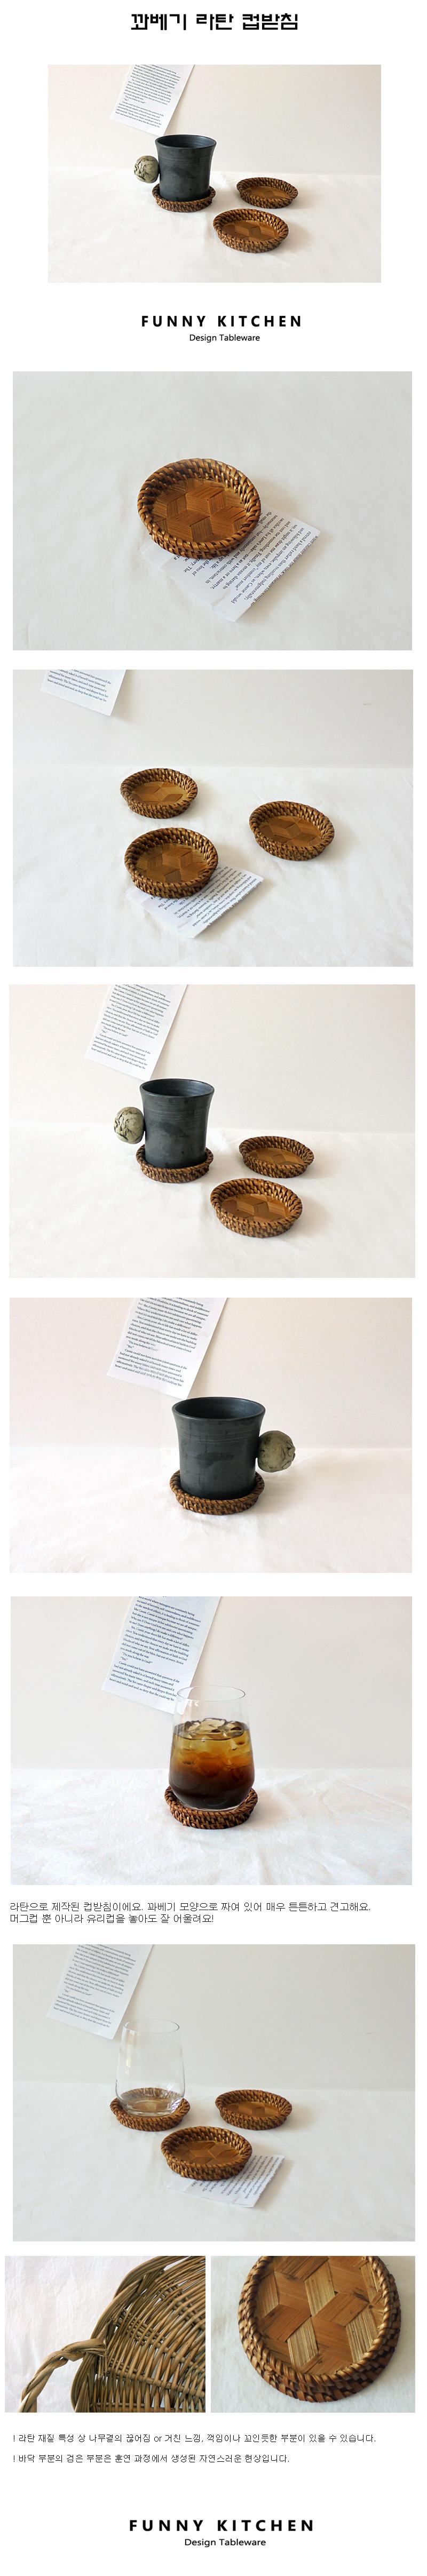 라탄 컵받침-라탄 꽈베기 코스터 - 퍼니키친, 8,000원, 컵받침/뚜껑/홀더, 컵받침